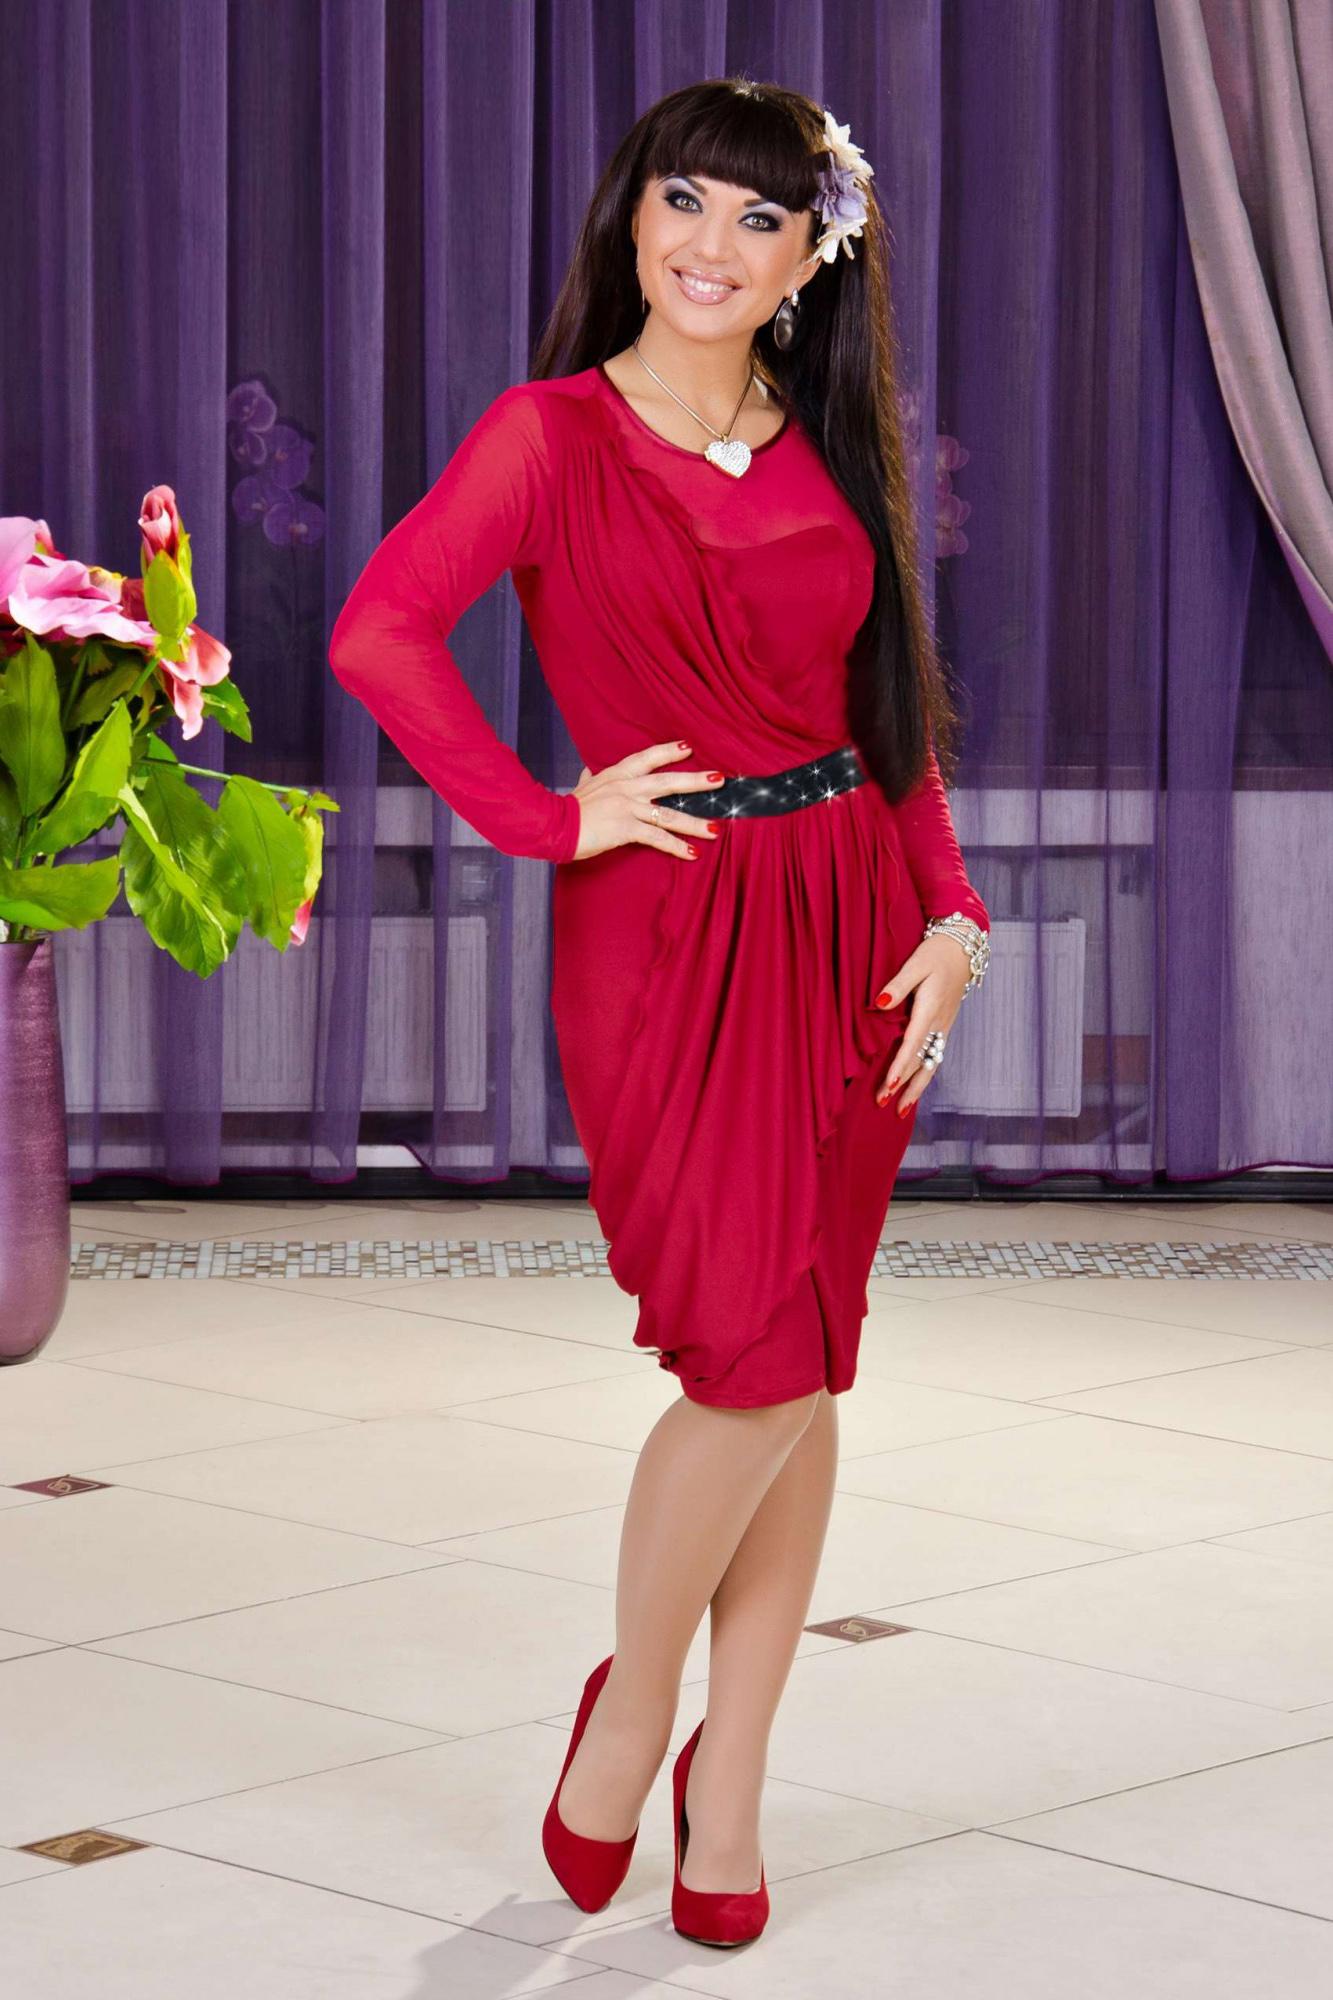 Платье lovaru ™ новая мода горячей продажи летом дизайн платья вечернее платье вечернее платье платье секси леди платья модные платья